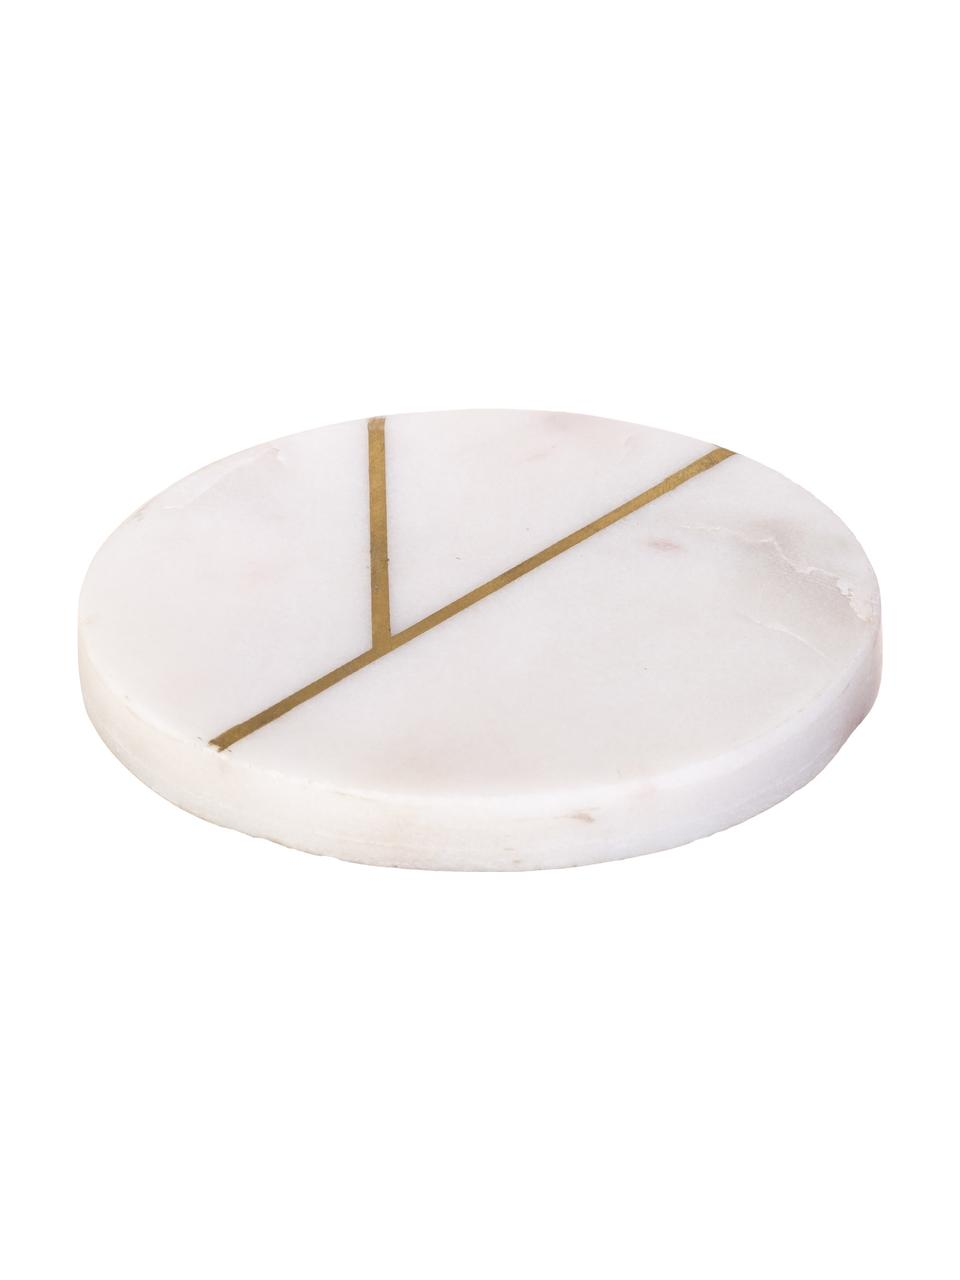 Sous-verre en marbre Marek, 4pièces, Blanc marbré, couleur dorée